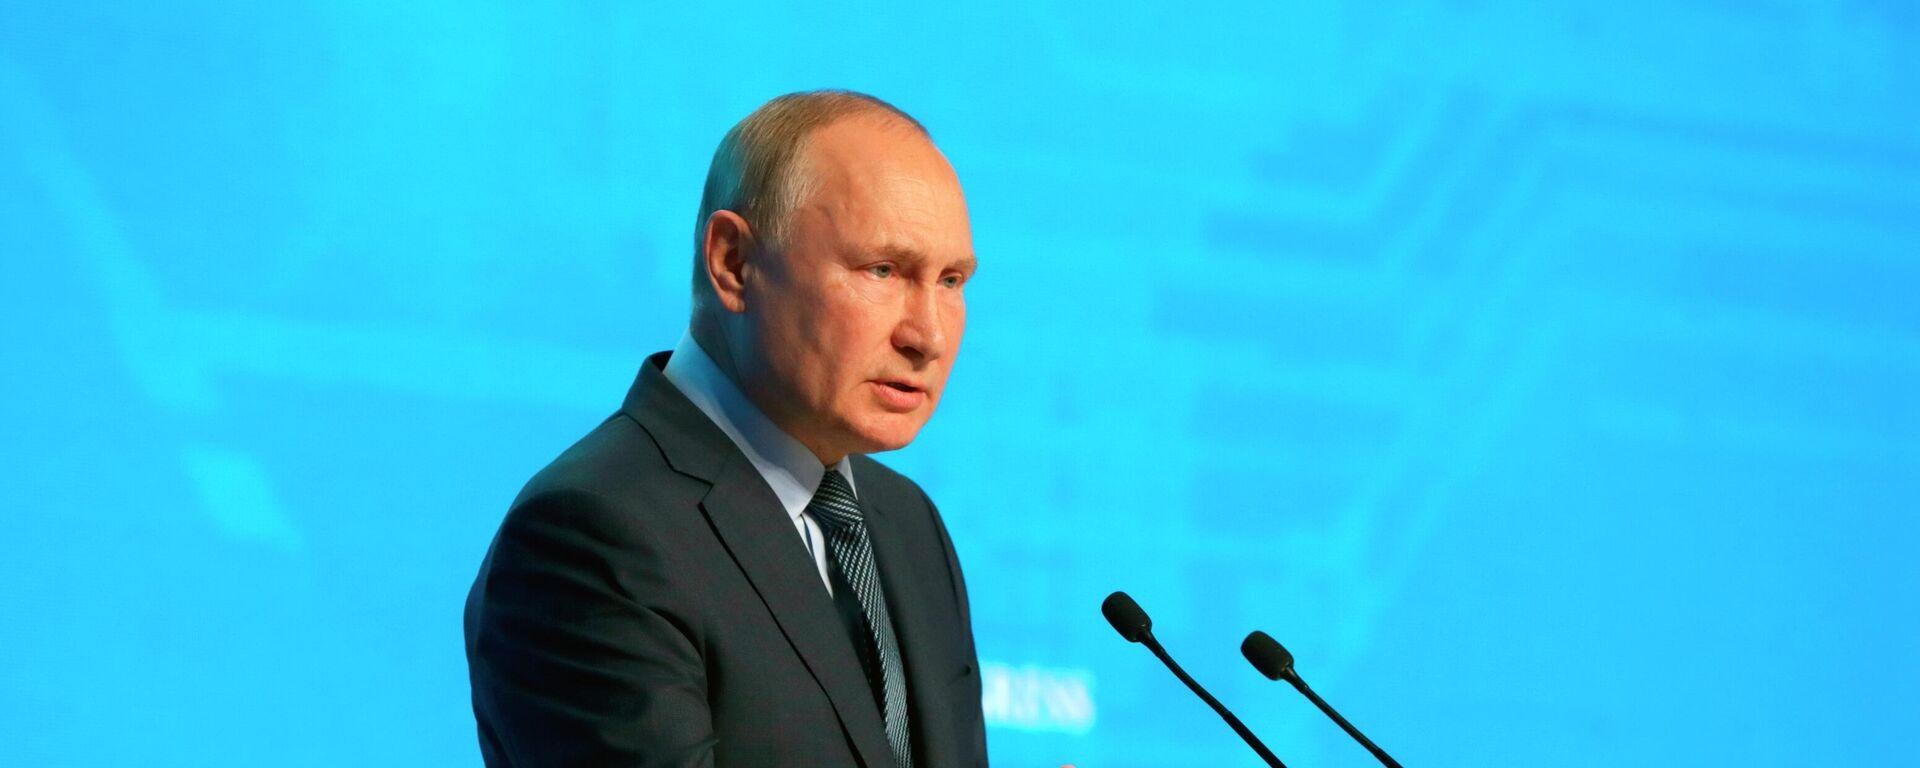 El presidente de Rusia, Vladímir Putin - Sputnik Mundo, 1920, 13.10.2021